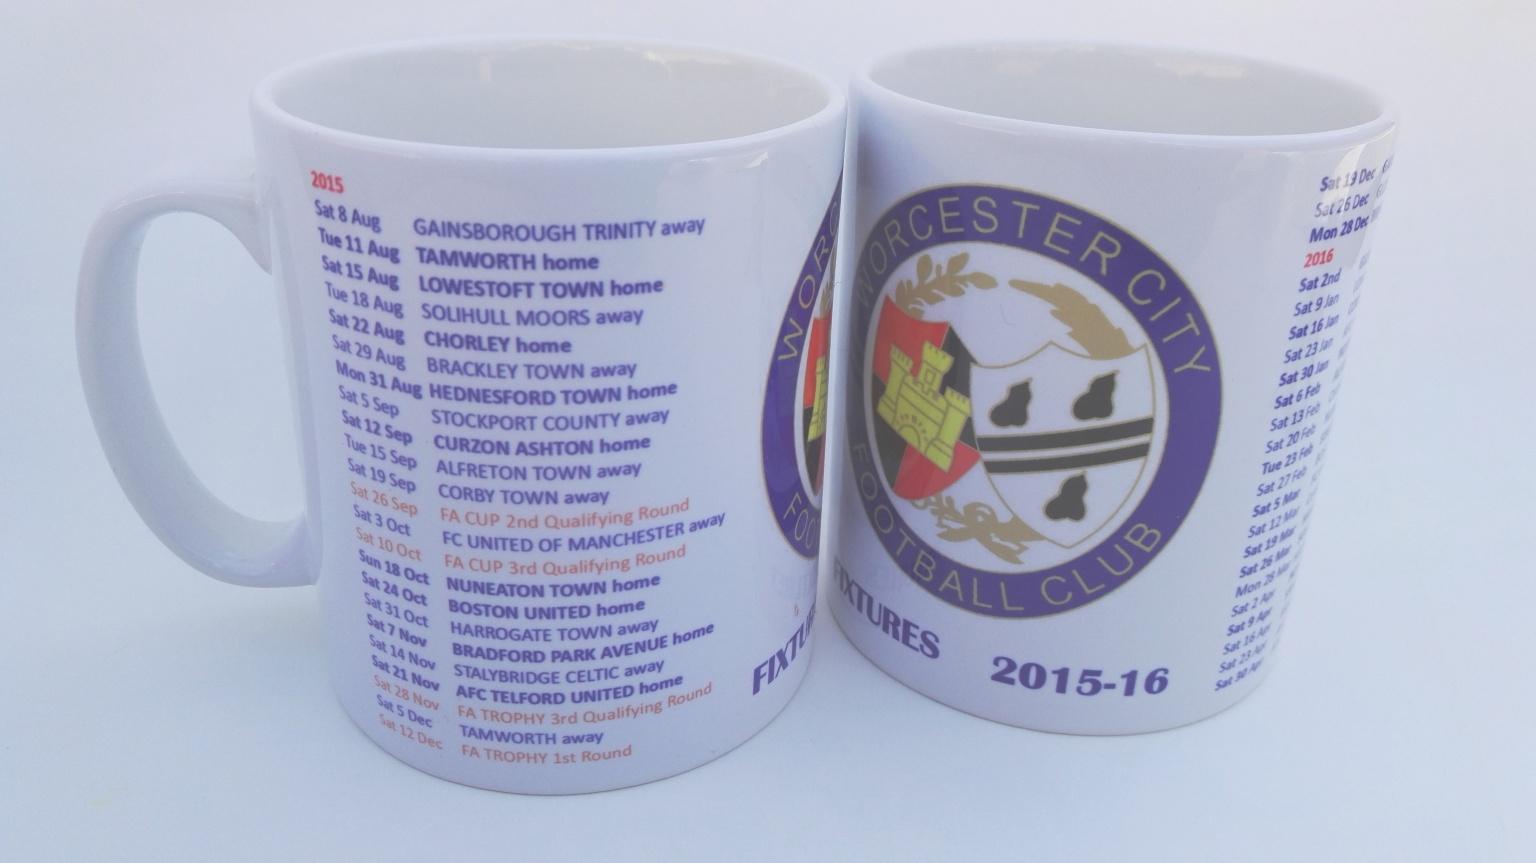 Image: 2015/16 Fixtures Mug